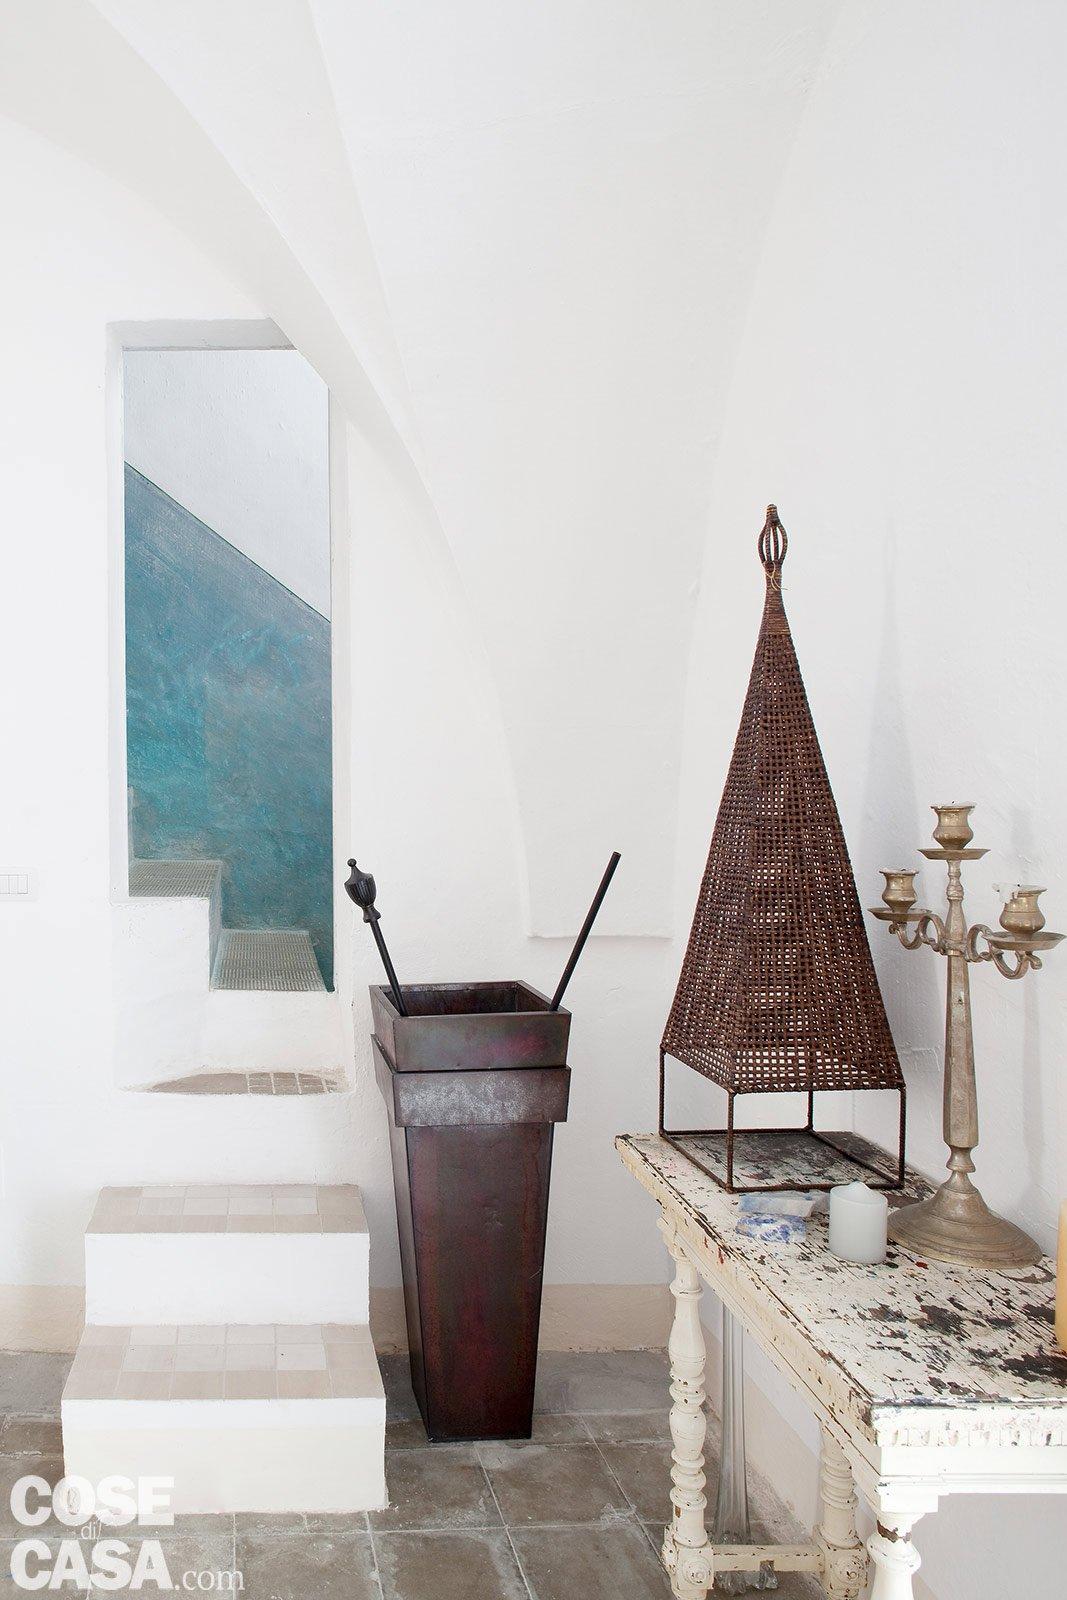 Una casa in pietra in stile mediterraneo cose di casa for Una cornice di case